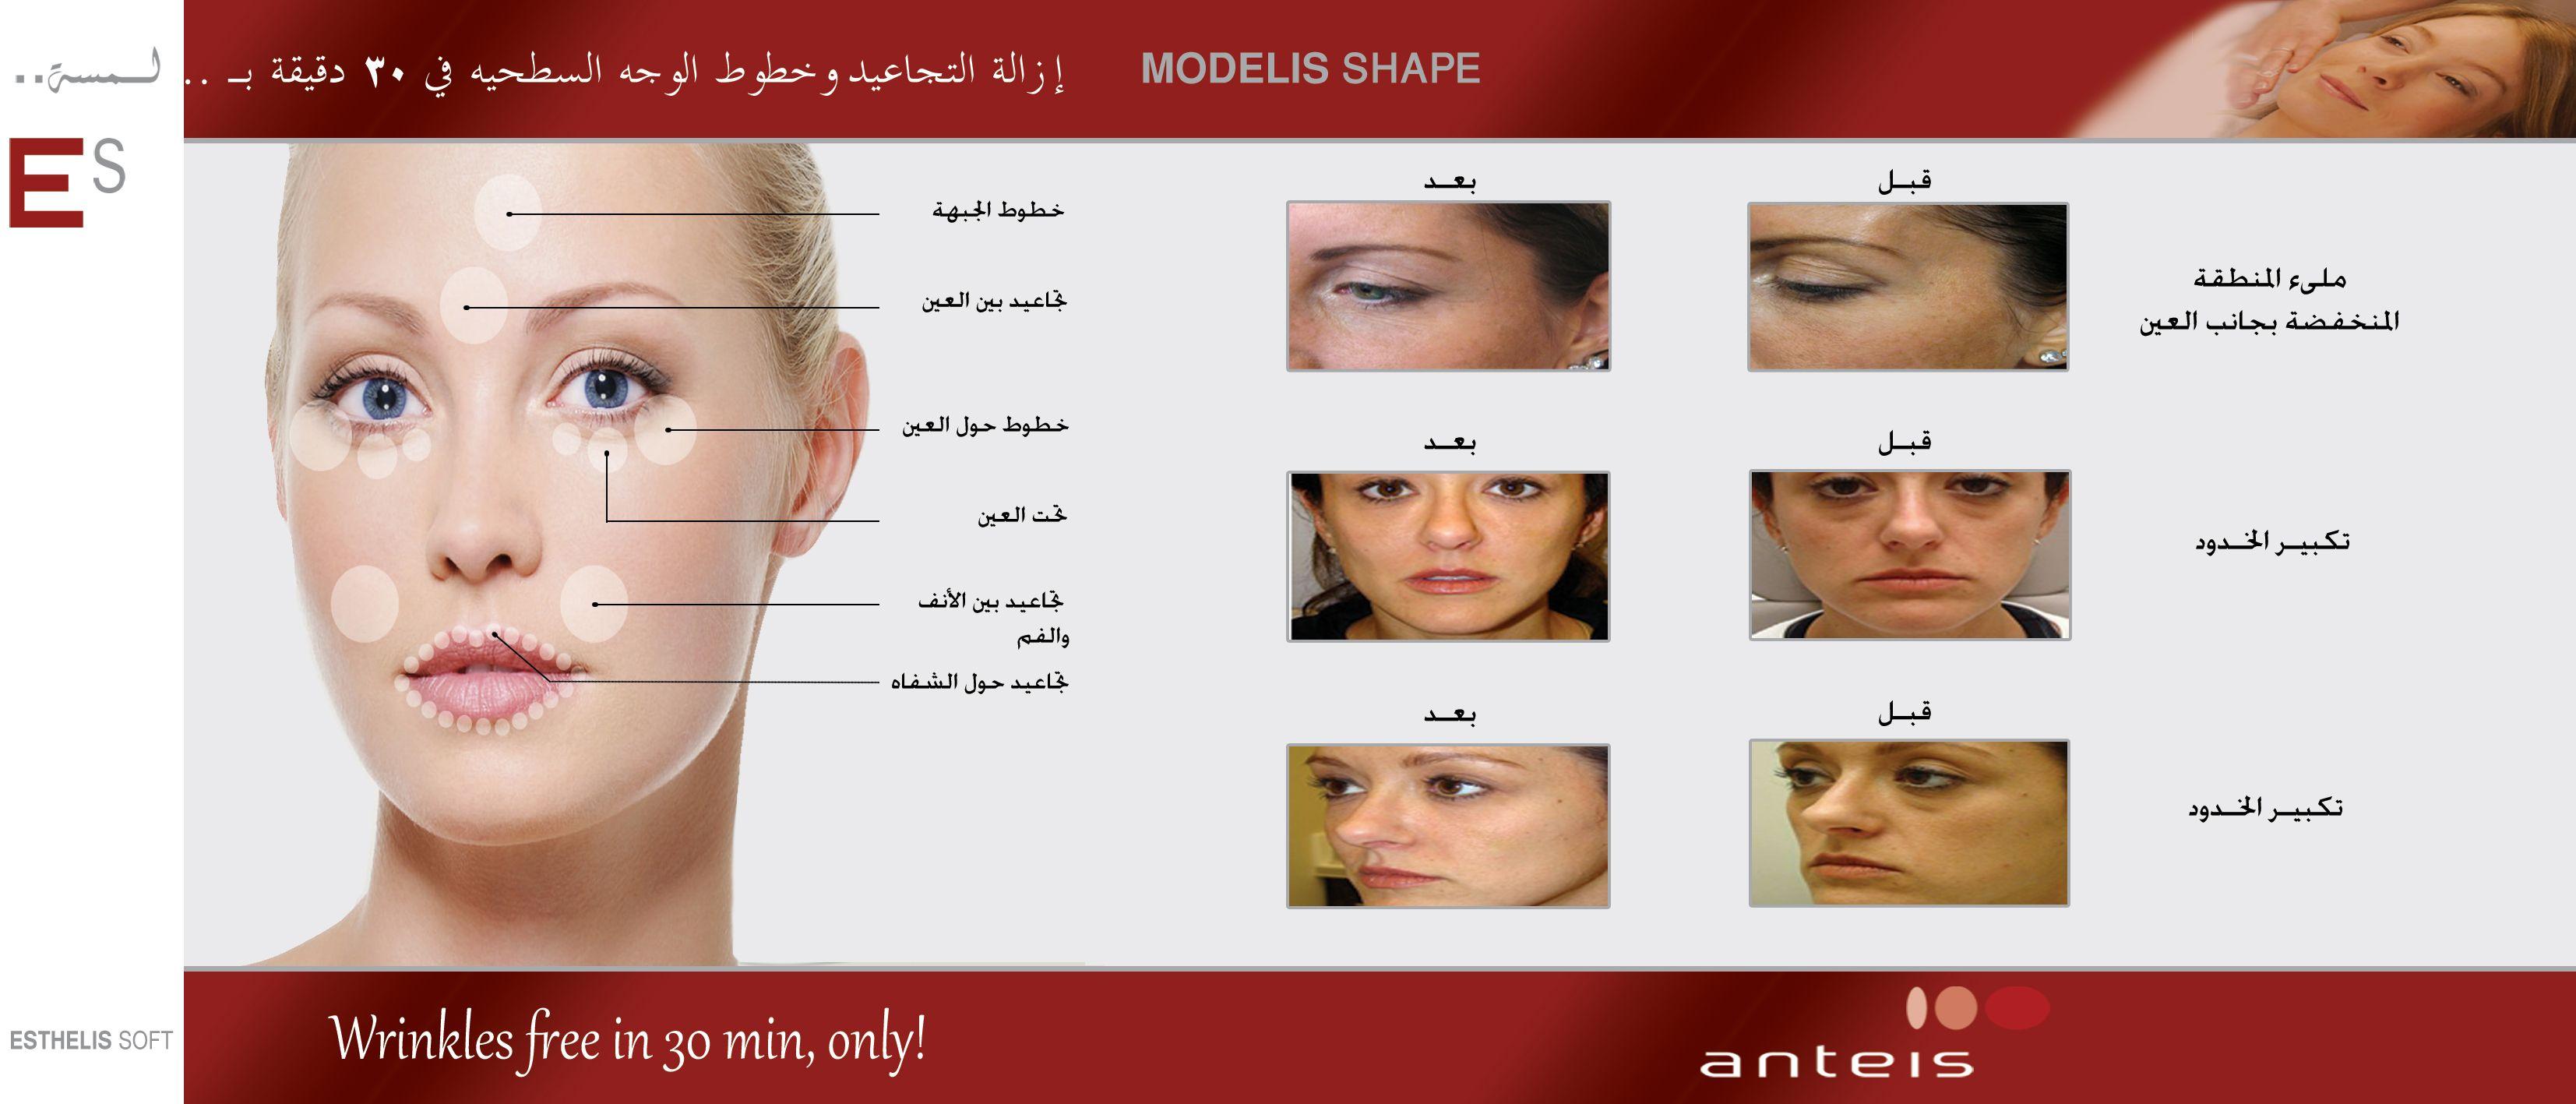 Modelis Graphic Design Wrinkles Shapes